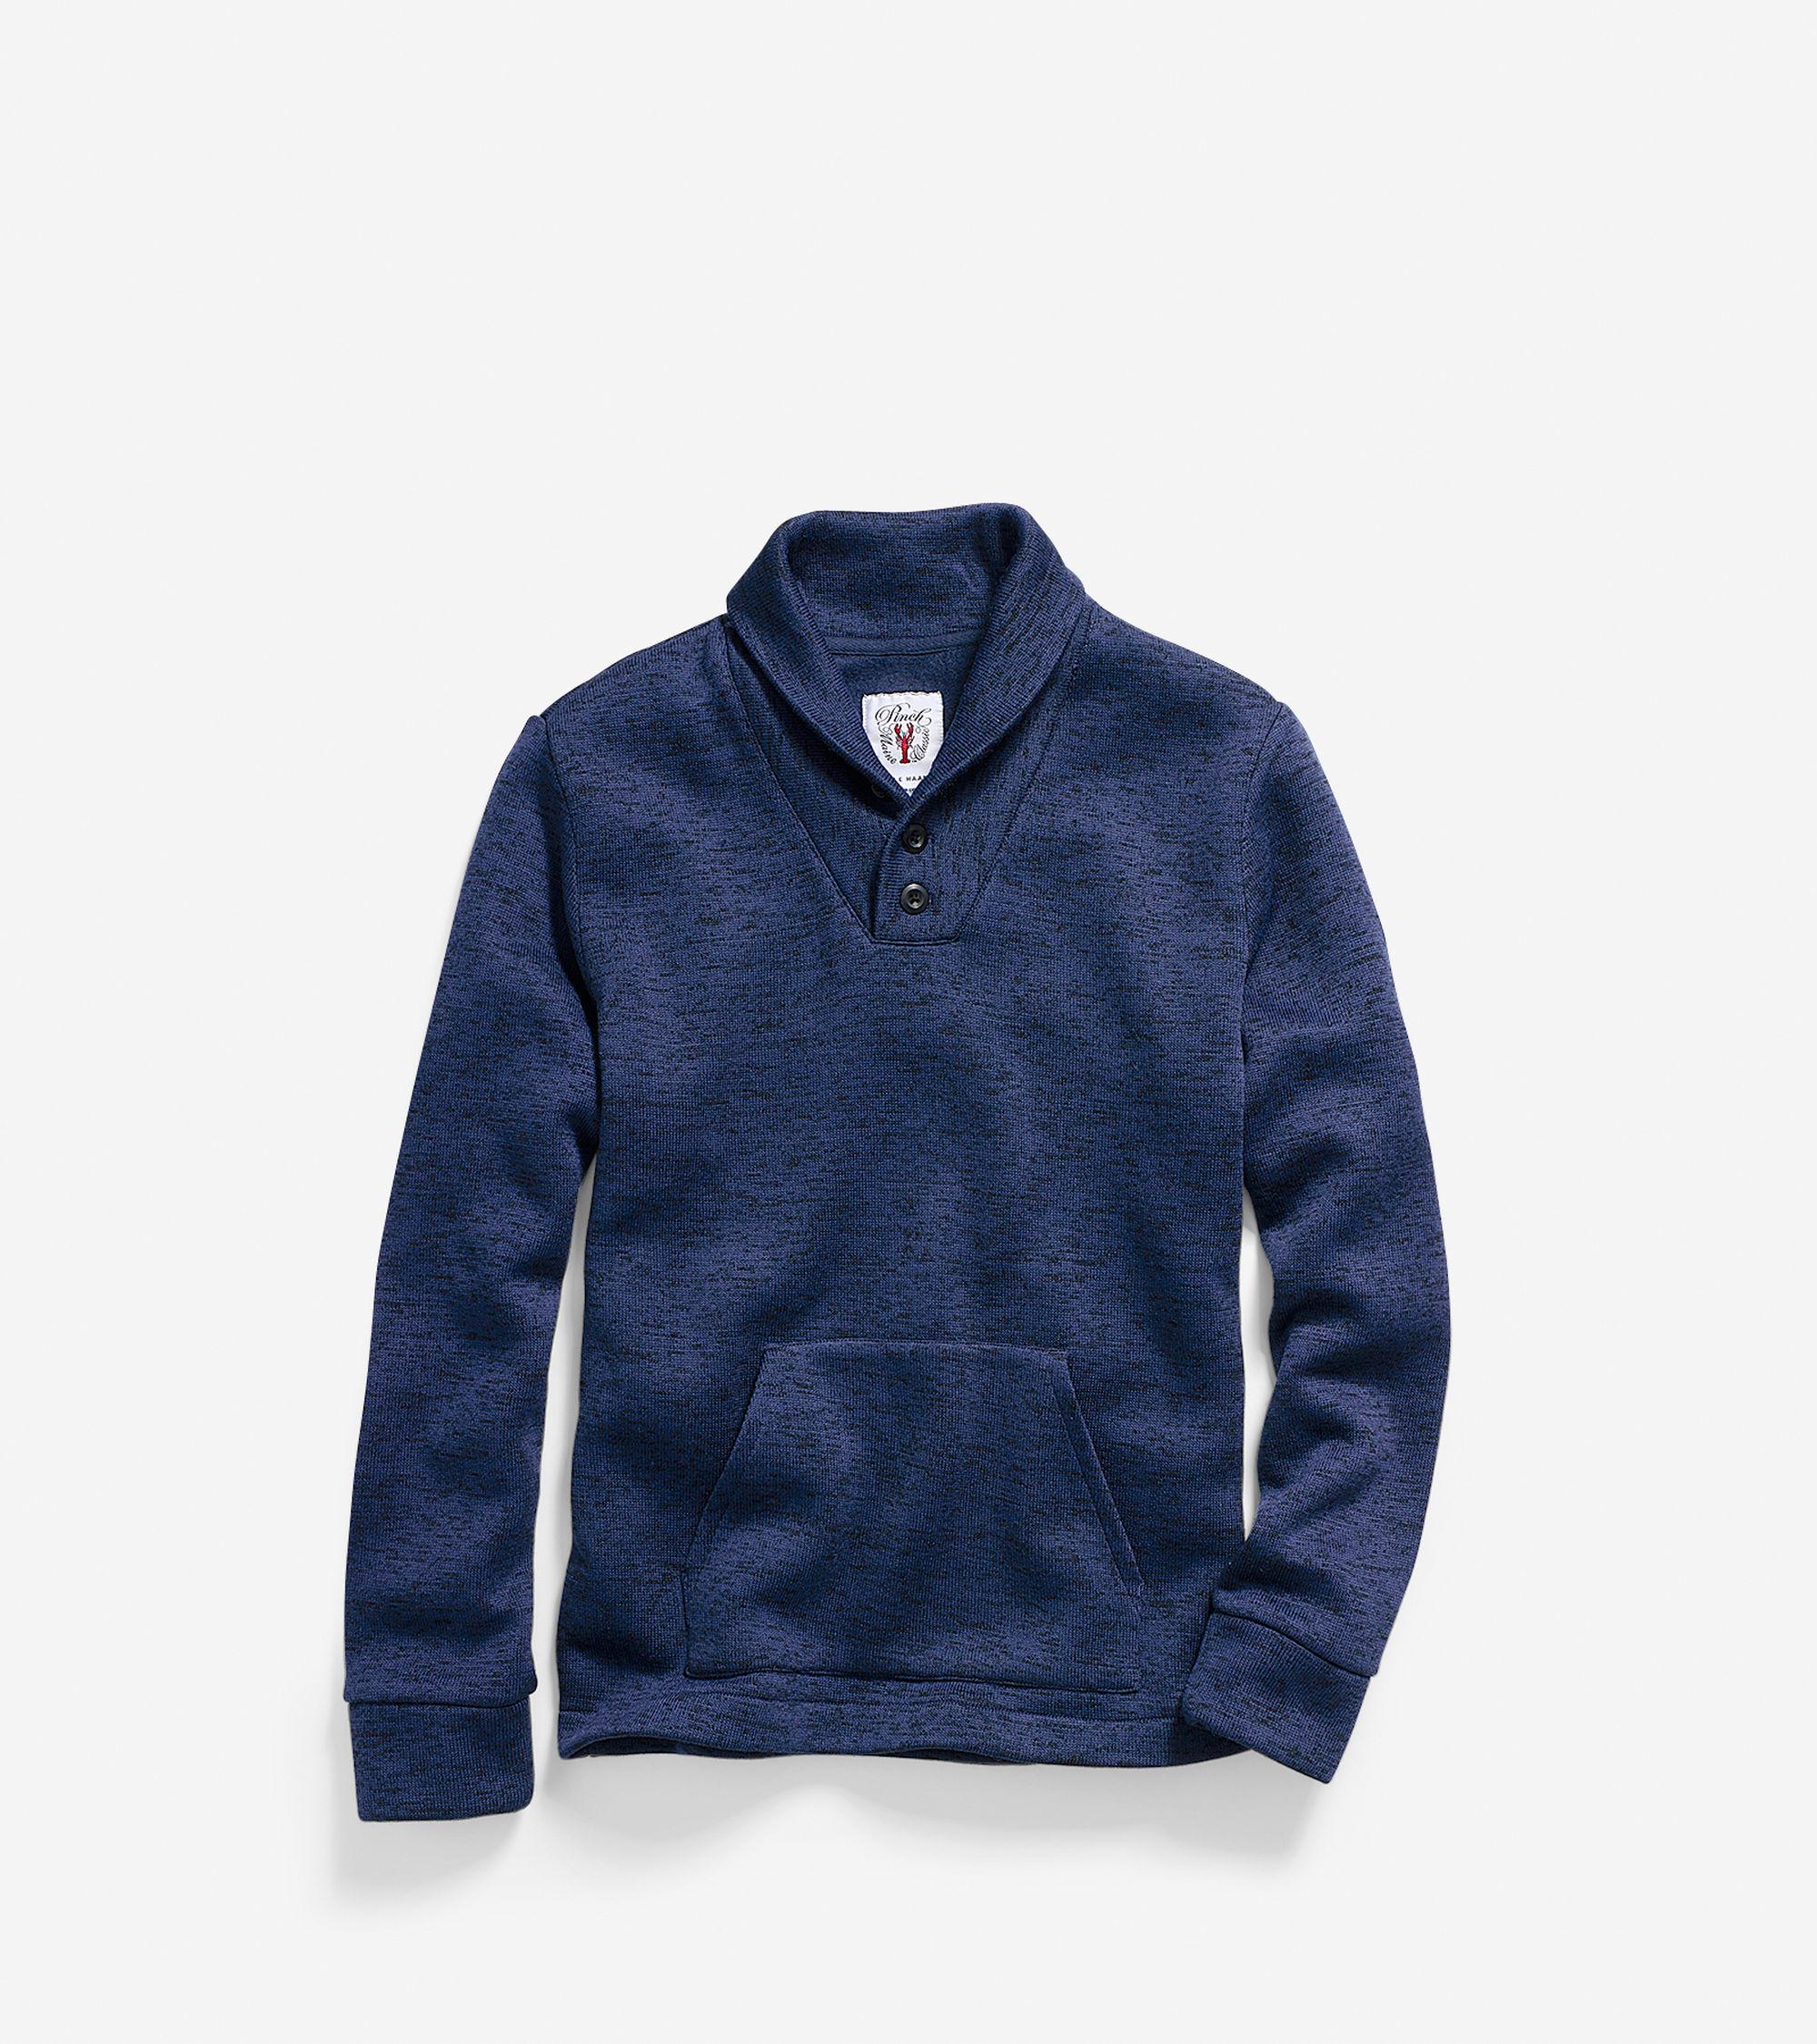 Cole haan Men's Pinch Tech Fleece Sweatshirt in Blue for Men | Lyst